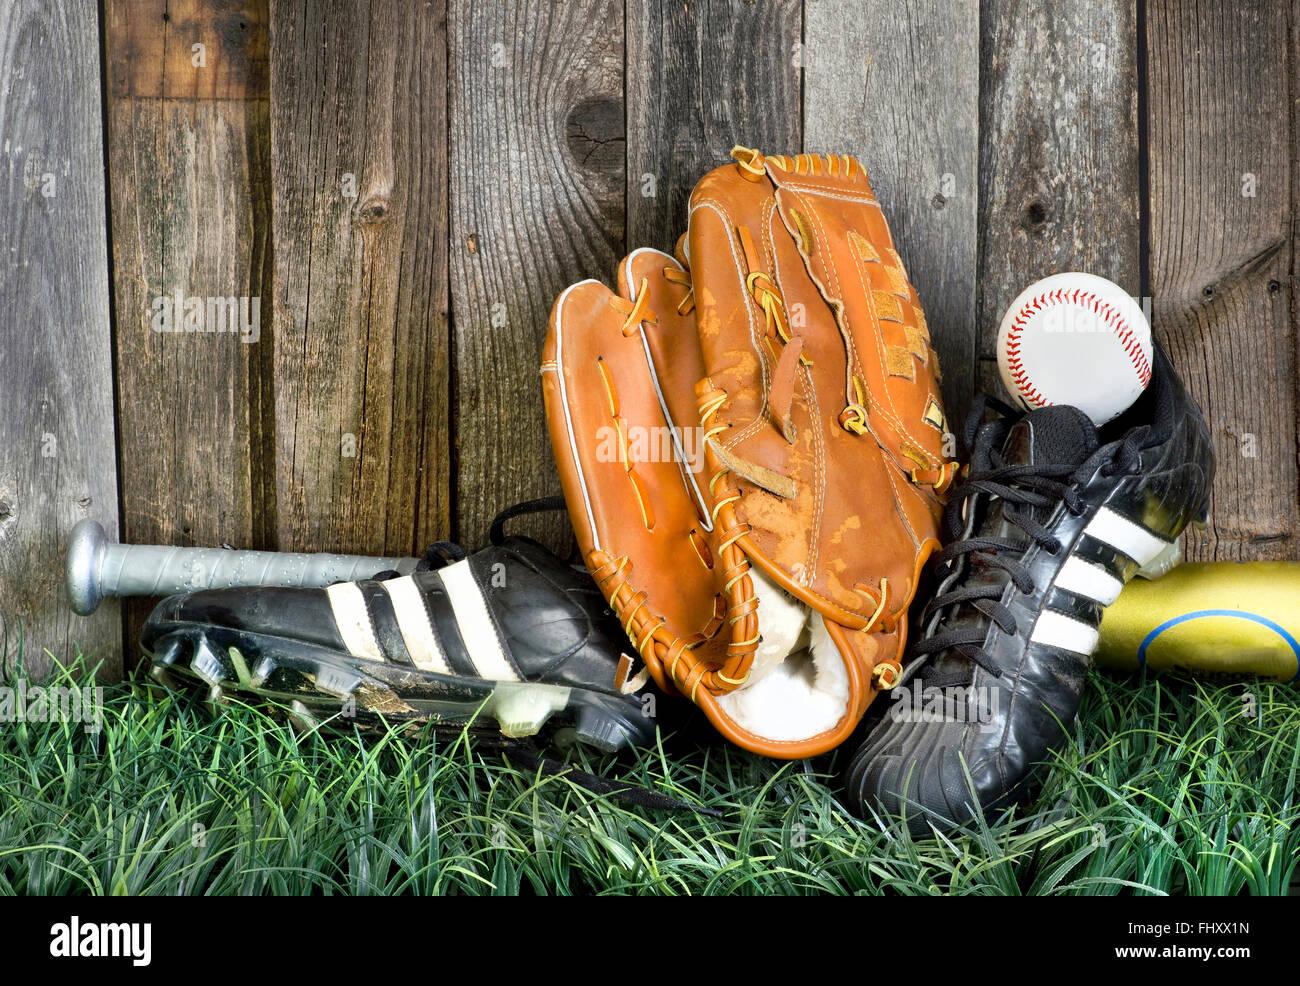 Tiempo para jugar béisbol americano con el equipamiento adecuado. Imagen De Stock